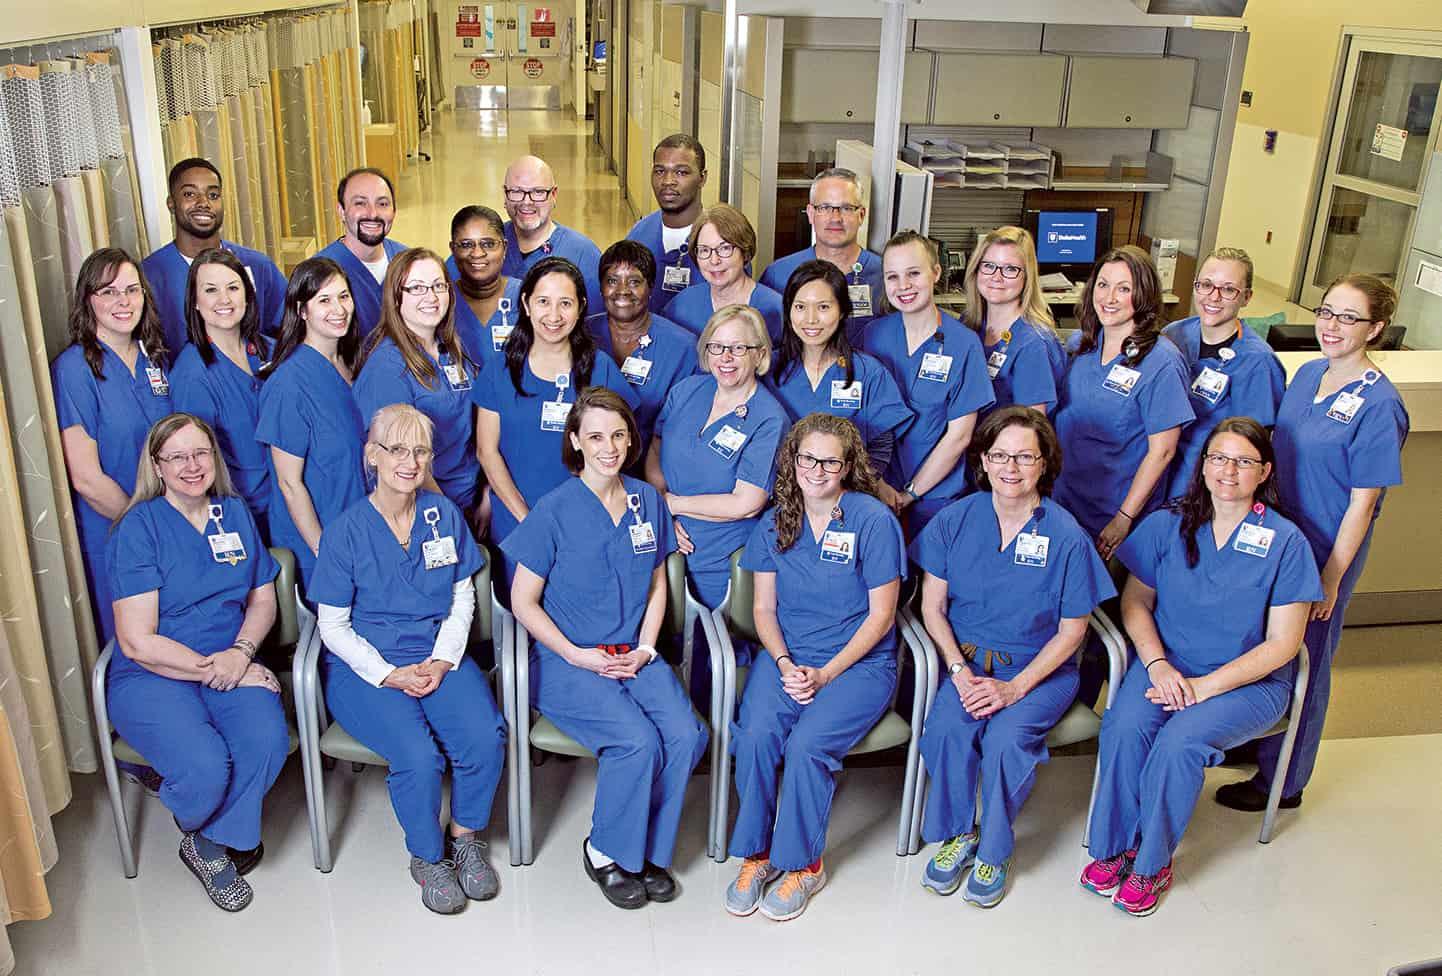 Duke University Medical Center - Elite Learning